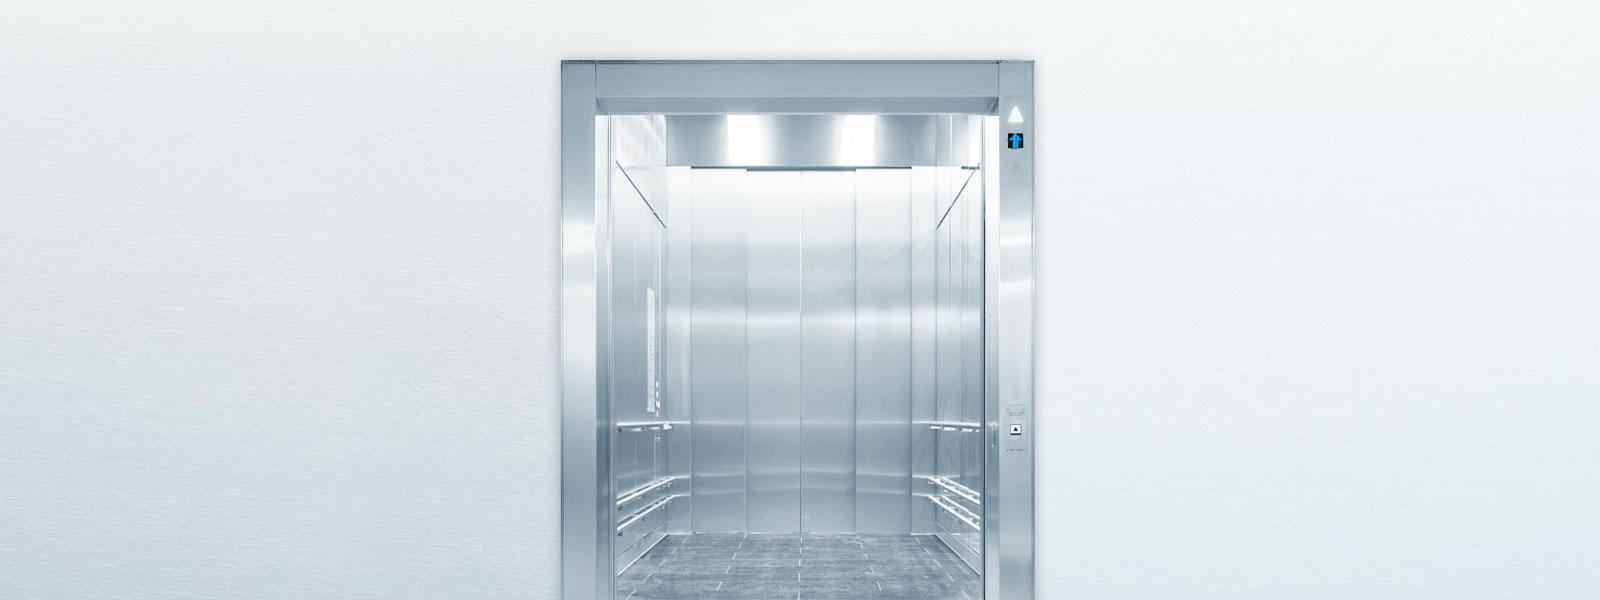 Willkommen bei Kasper Aufzüge